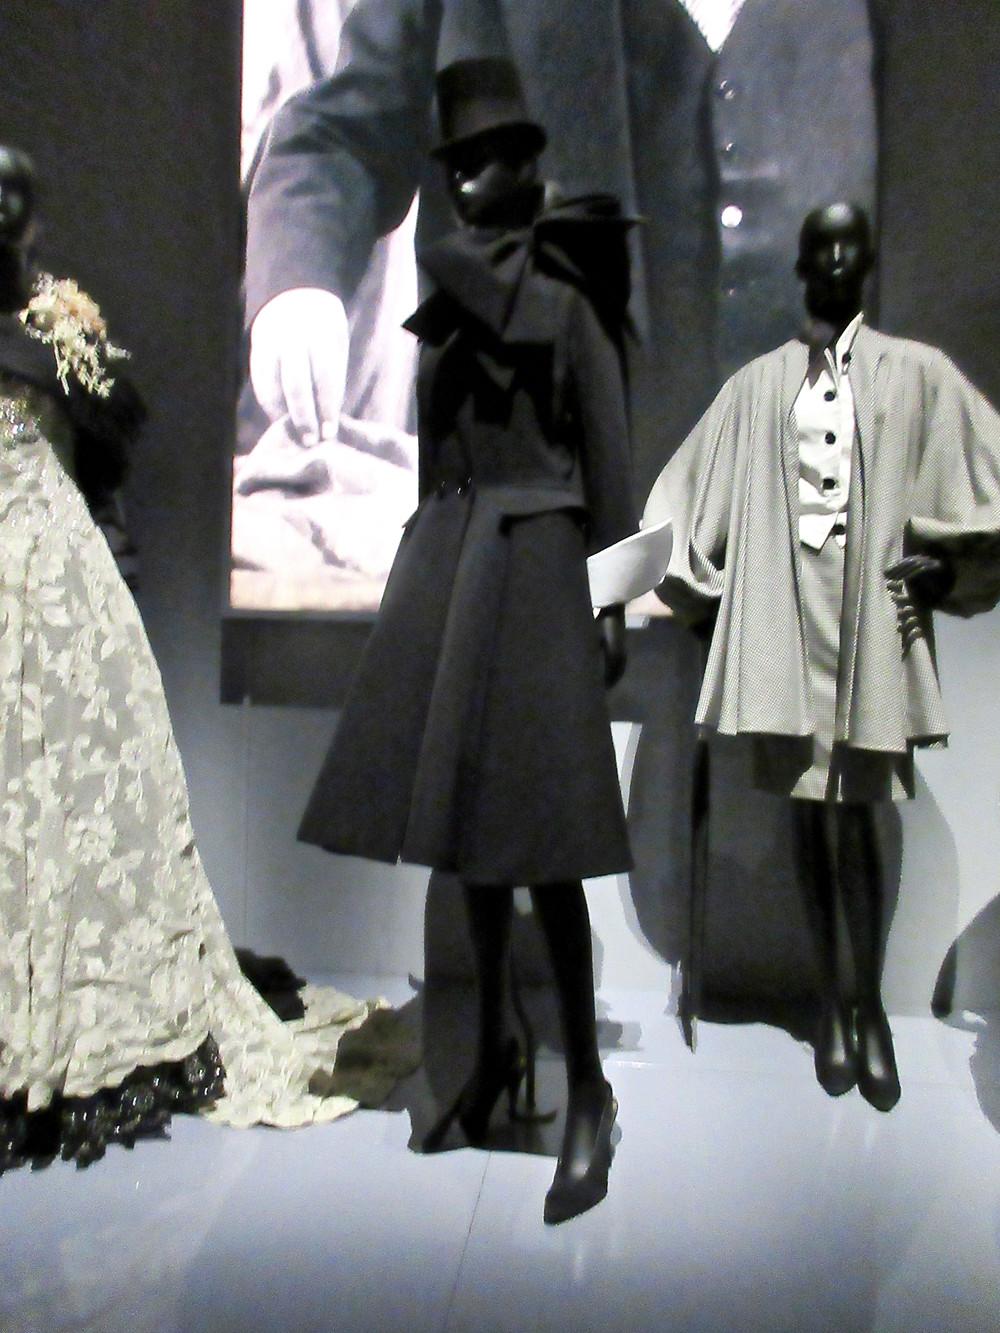 Centre - Cecil Coat Gianfranco Ferrere Haute Couture Autumn Winter 1989. Wool and satin silk.